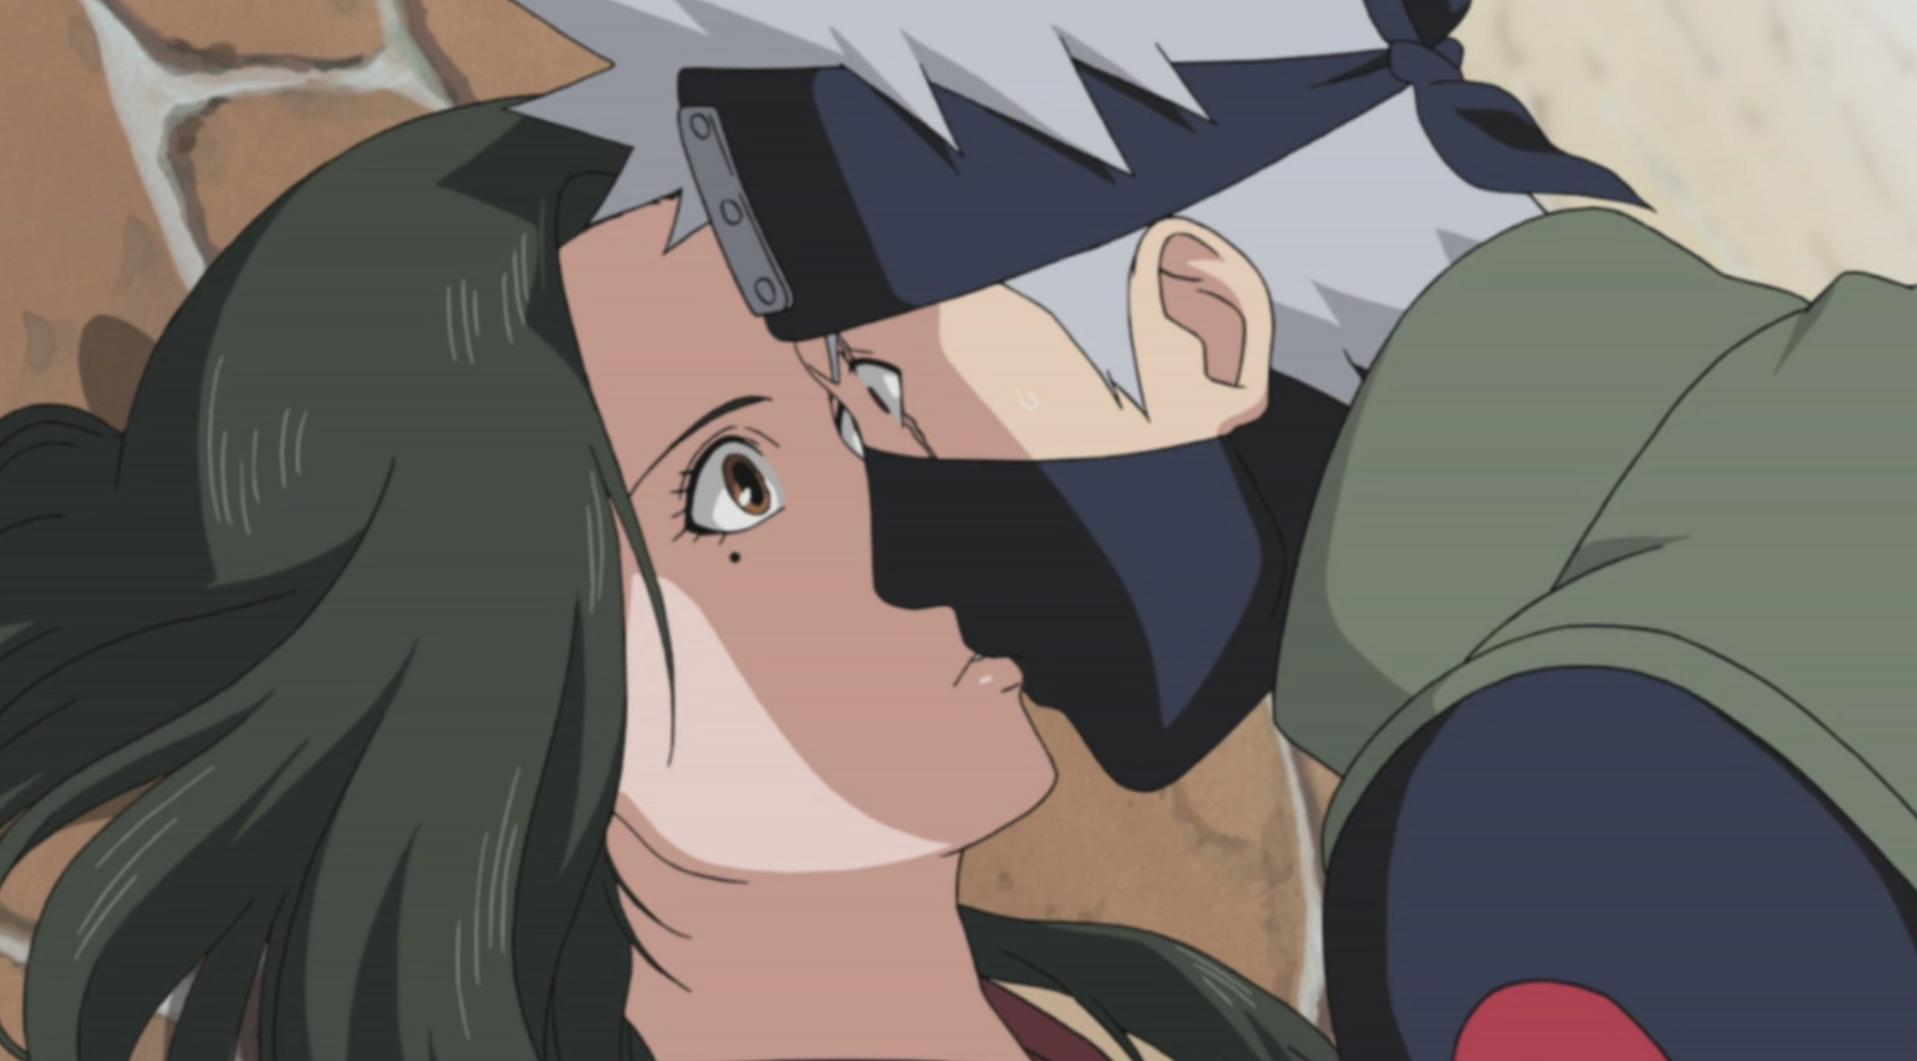 minato vs obito rin and kakashi relationship